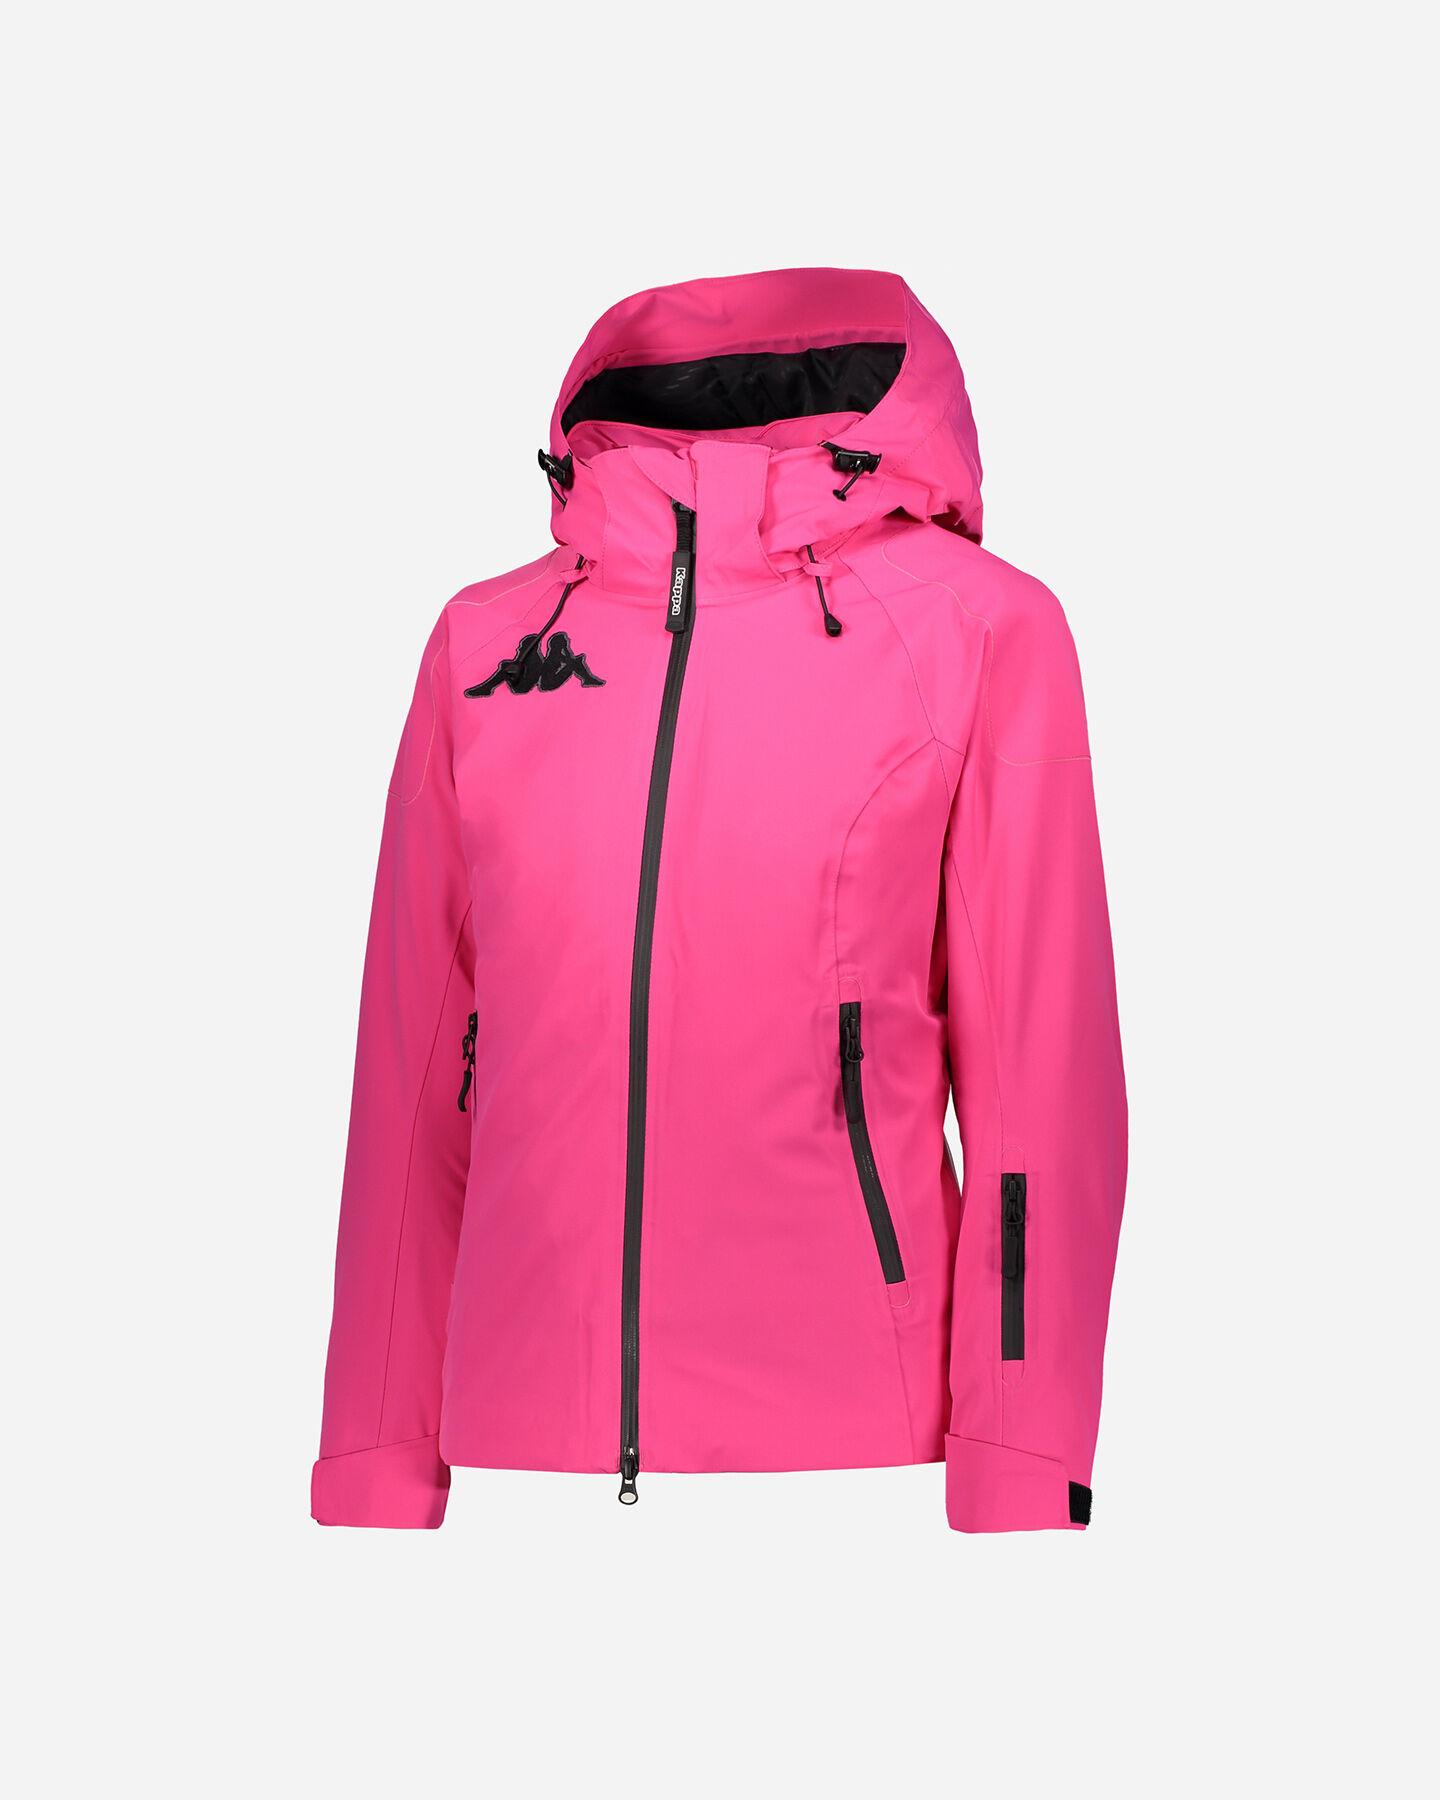 949da41874 Cisalfa Sportivo Abbigliamento Su Calcio Sport E Sci Kappa Accessori H0x5O5d